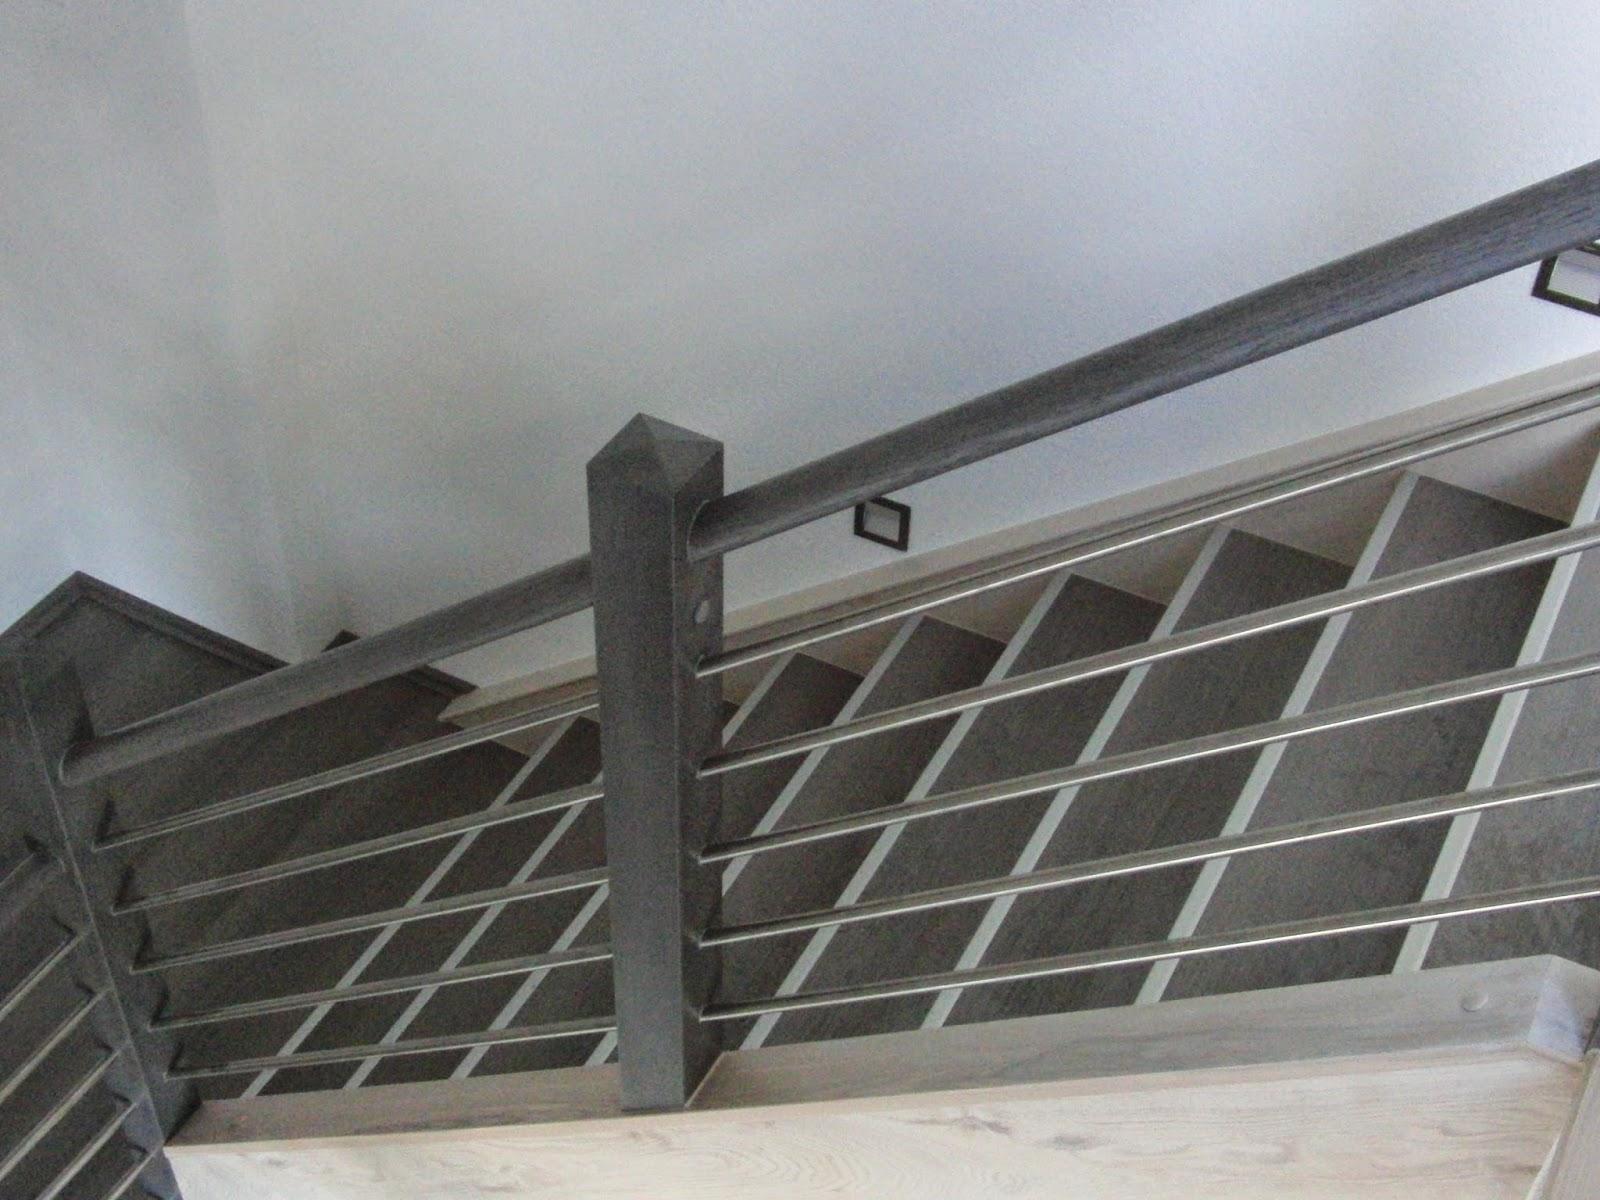 Treppengeländer - Edelstahl-Traversen in die Holzsäulen eingebohrt